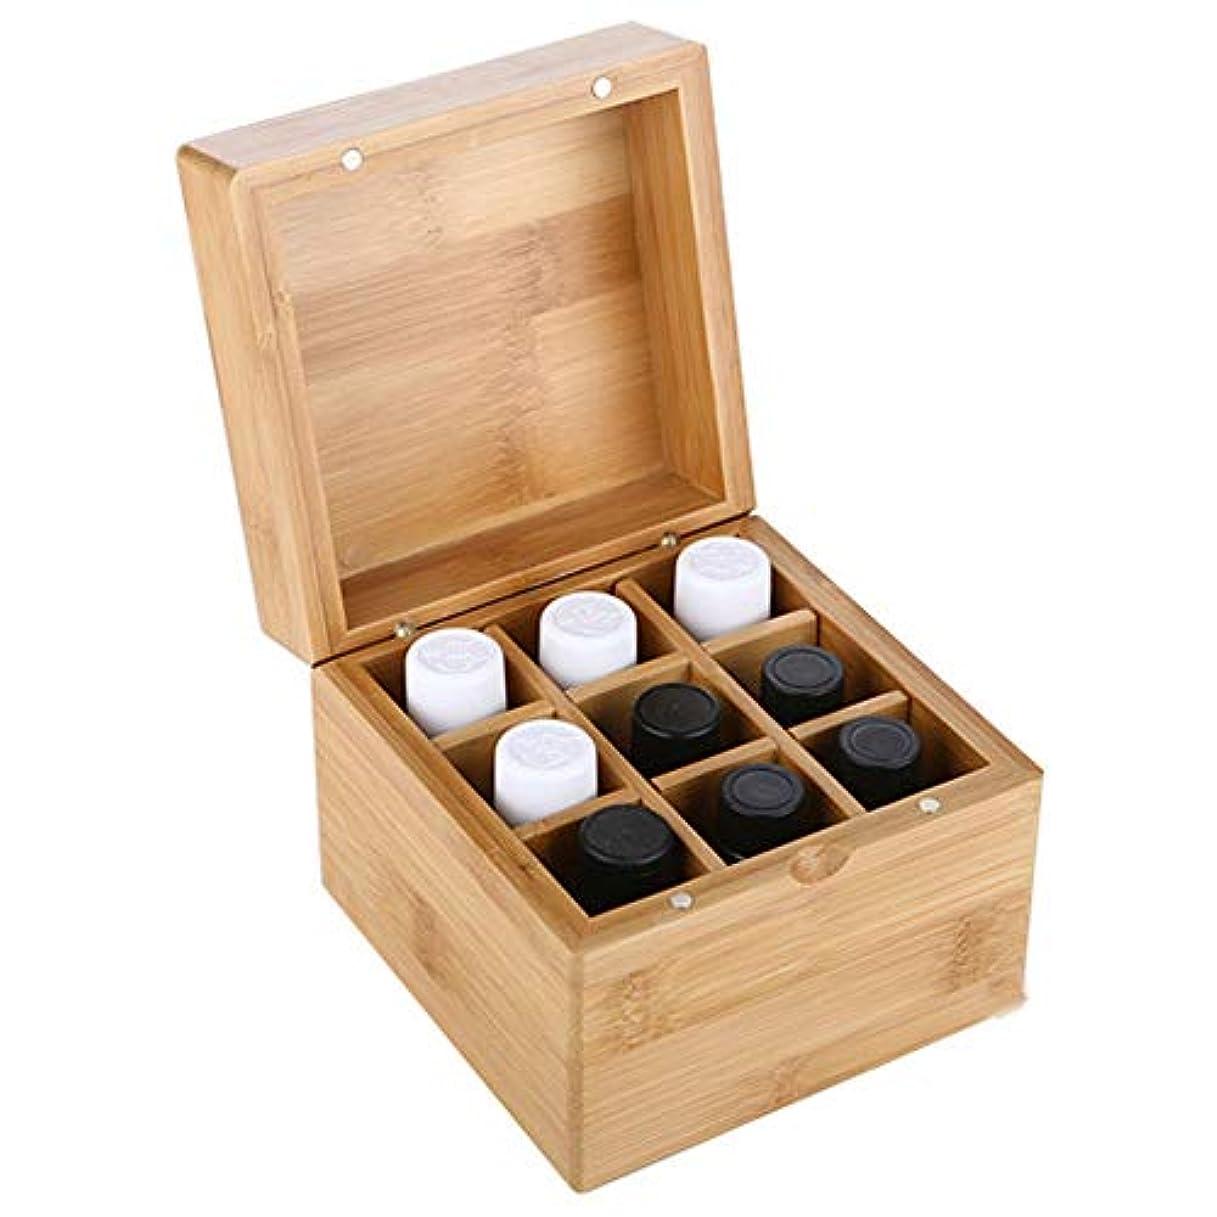 ヘビーコインランドリー鉱夫エッセンシャルオイルの保管 9スロットエッセンシャルオイルボックス木製収納ケースは、あなたの油安全保護さを保つ保護します (色 : Natural, サイズ : 11.5X11.5X8.3CM)